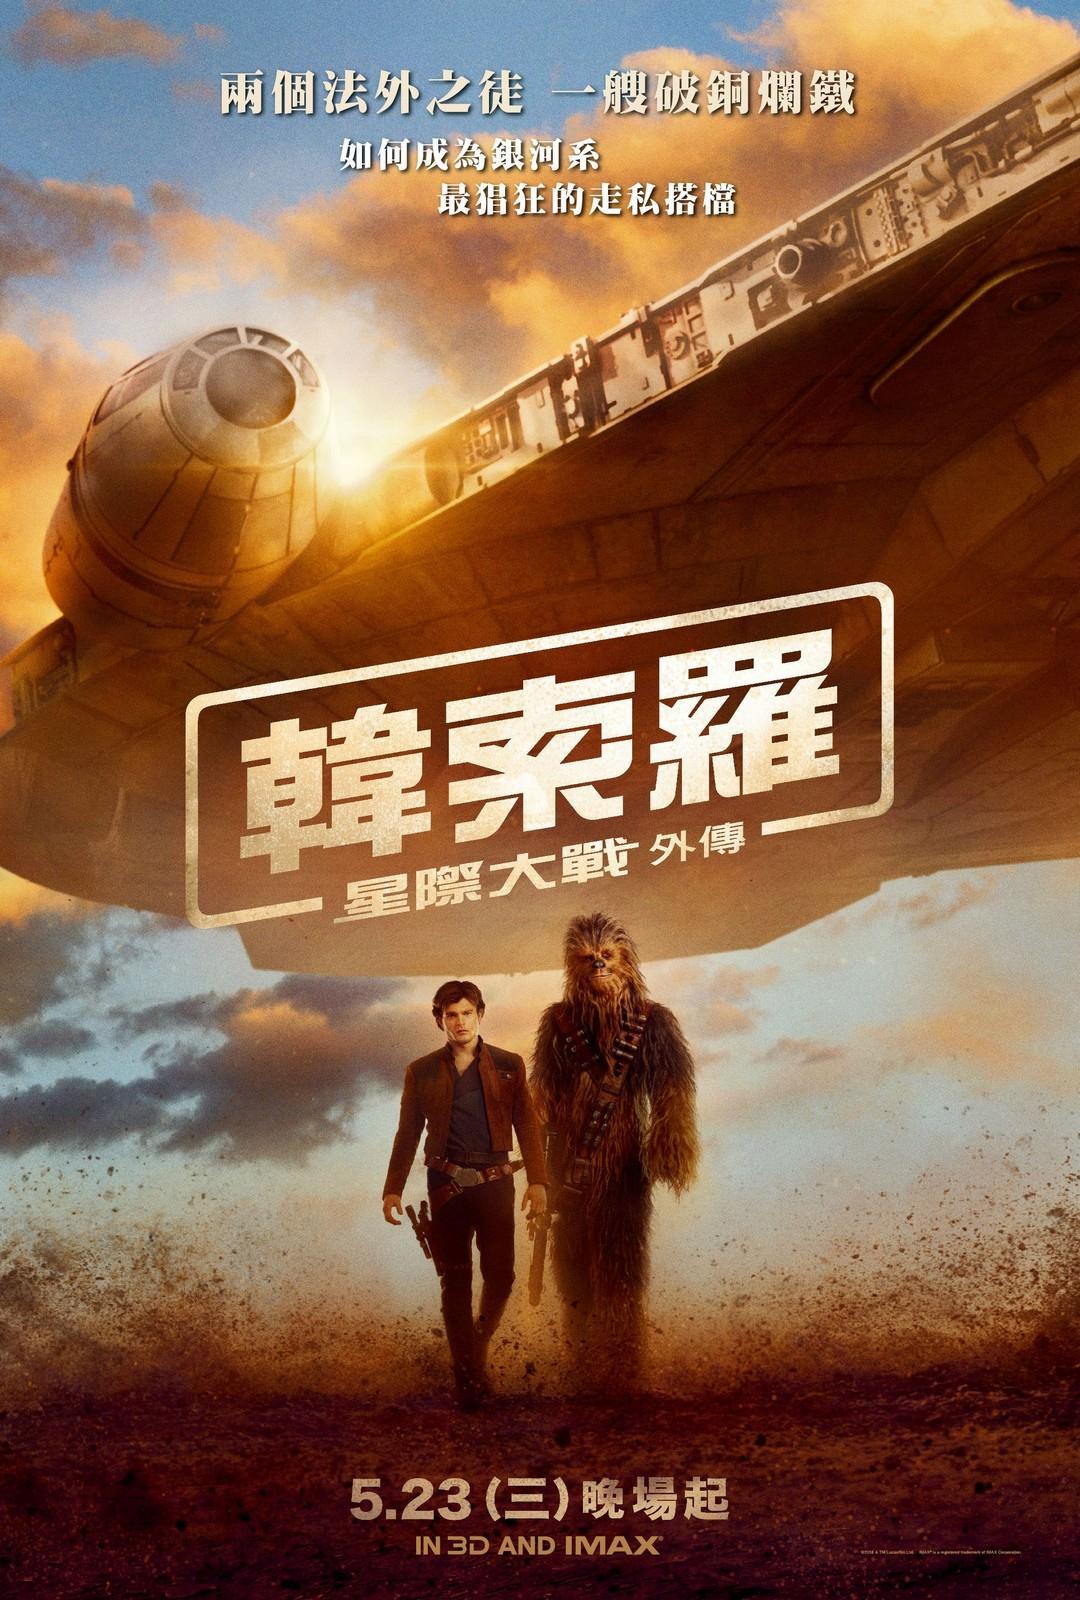 Movie, Solo: A Star Wars Story(美國) / 星際大戰外傳:韓索羅(台) / 游侠索罗:星球大战外传(中) / 韓索羅:星球大戰外傳(港), 電影海報, 台灣